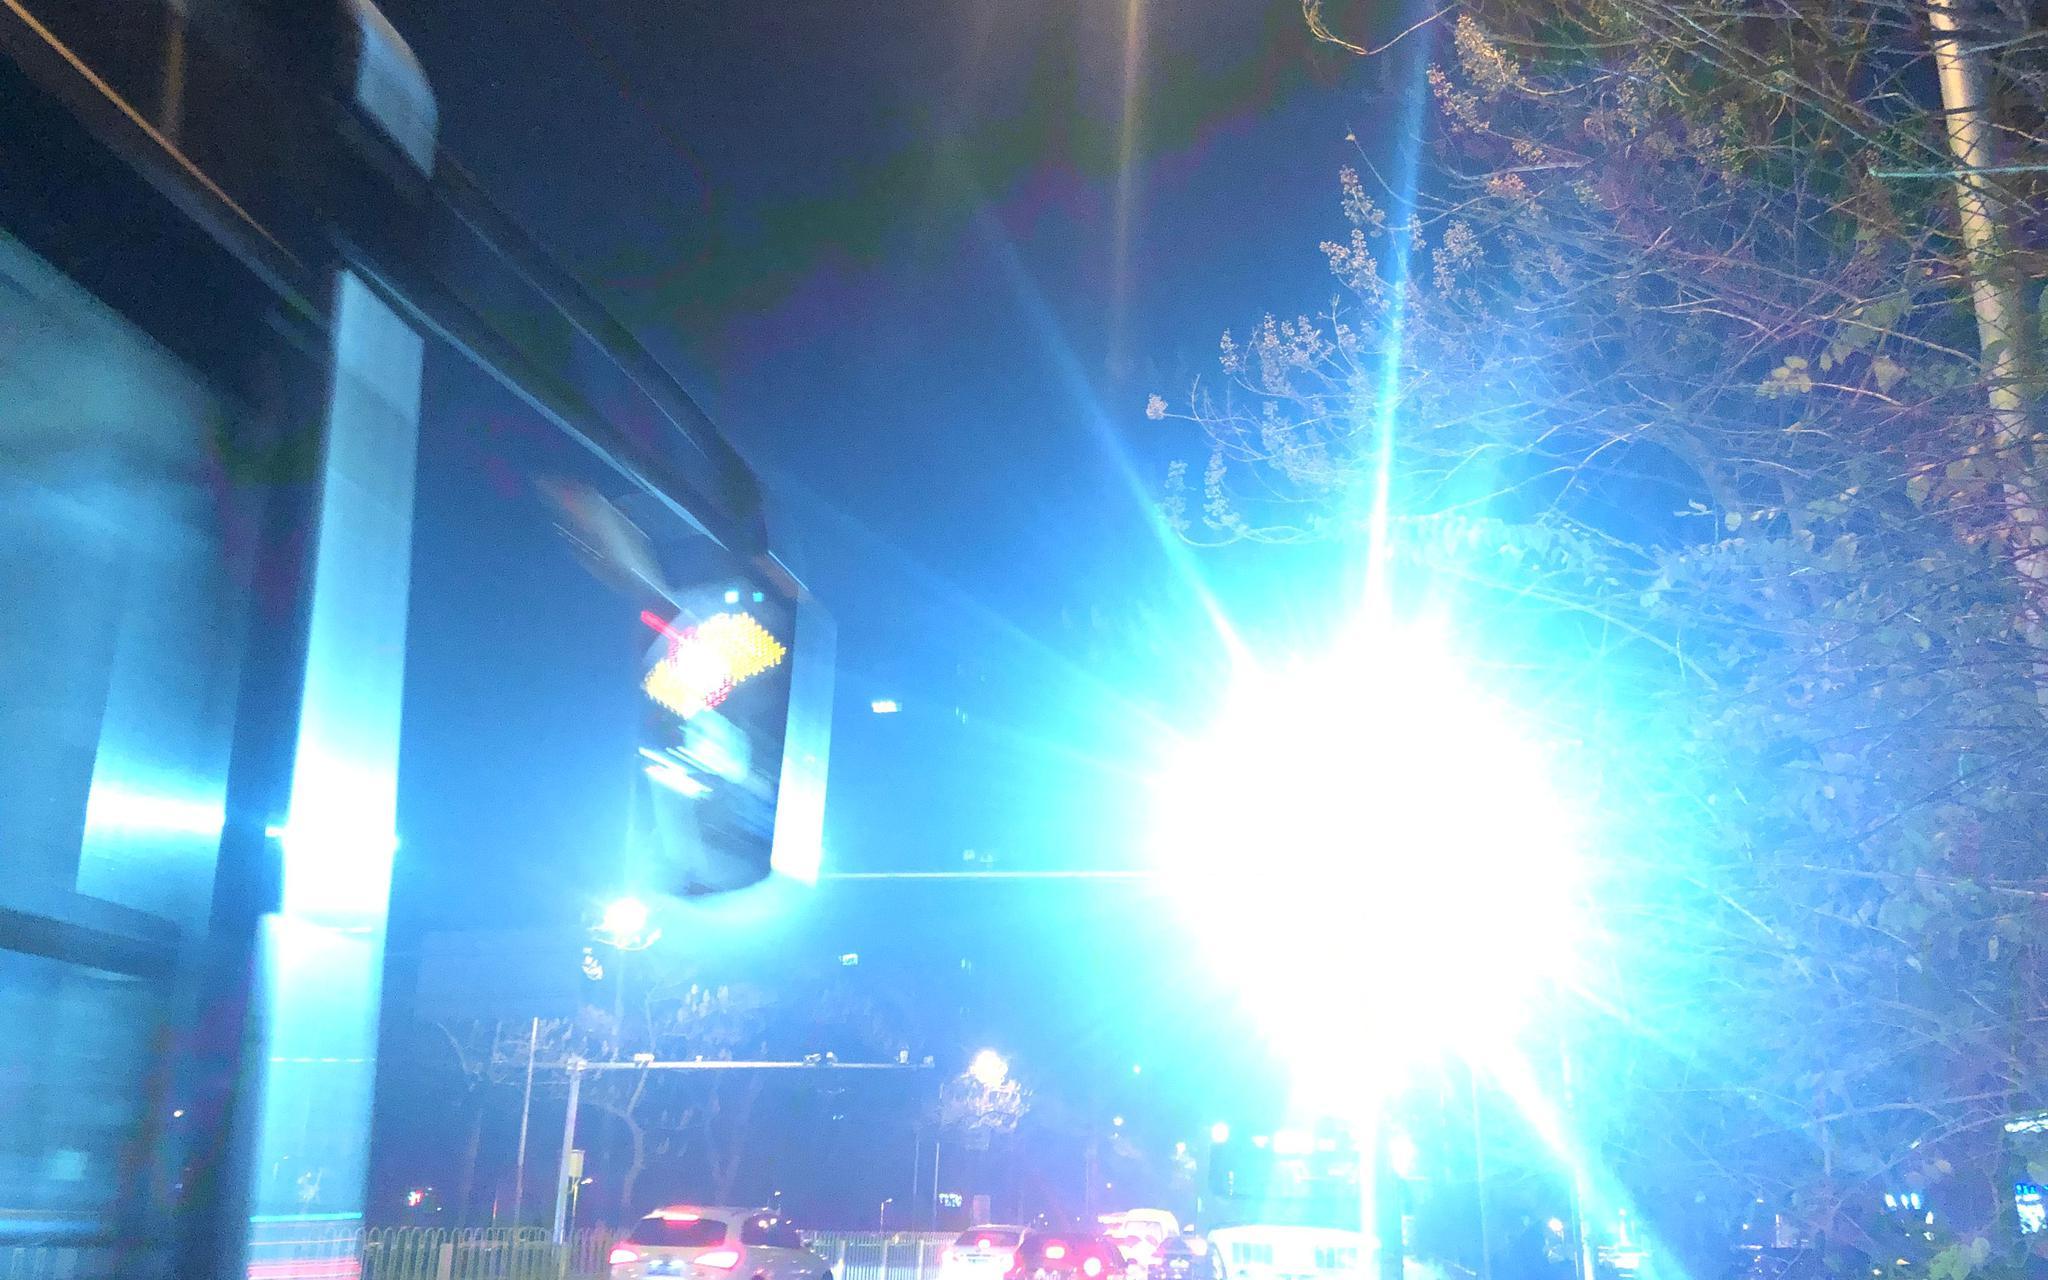 爆闪的灯光直接照射进公交车内。